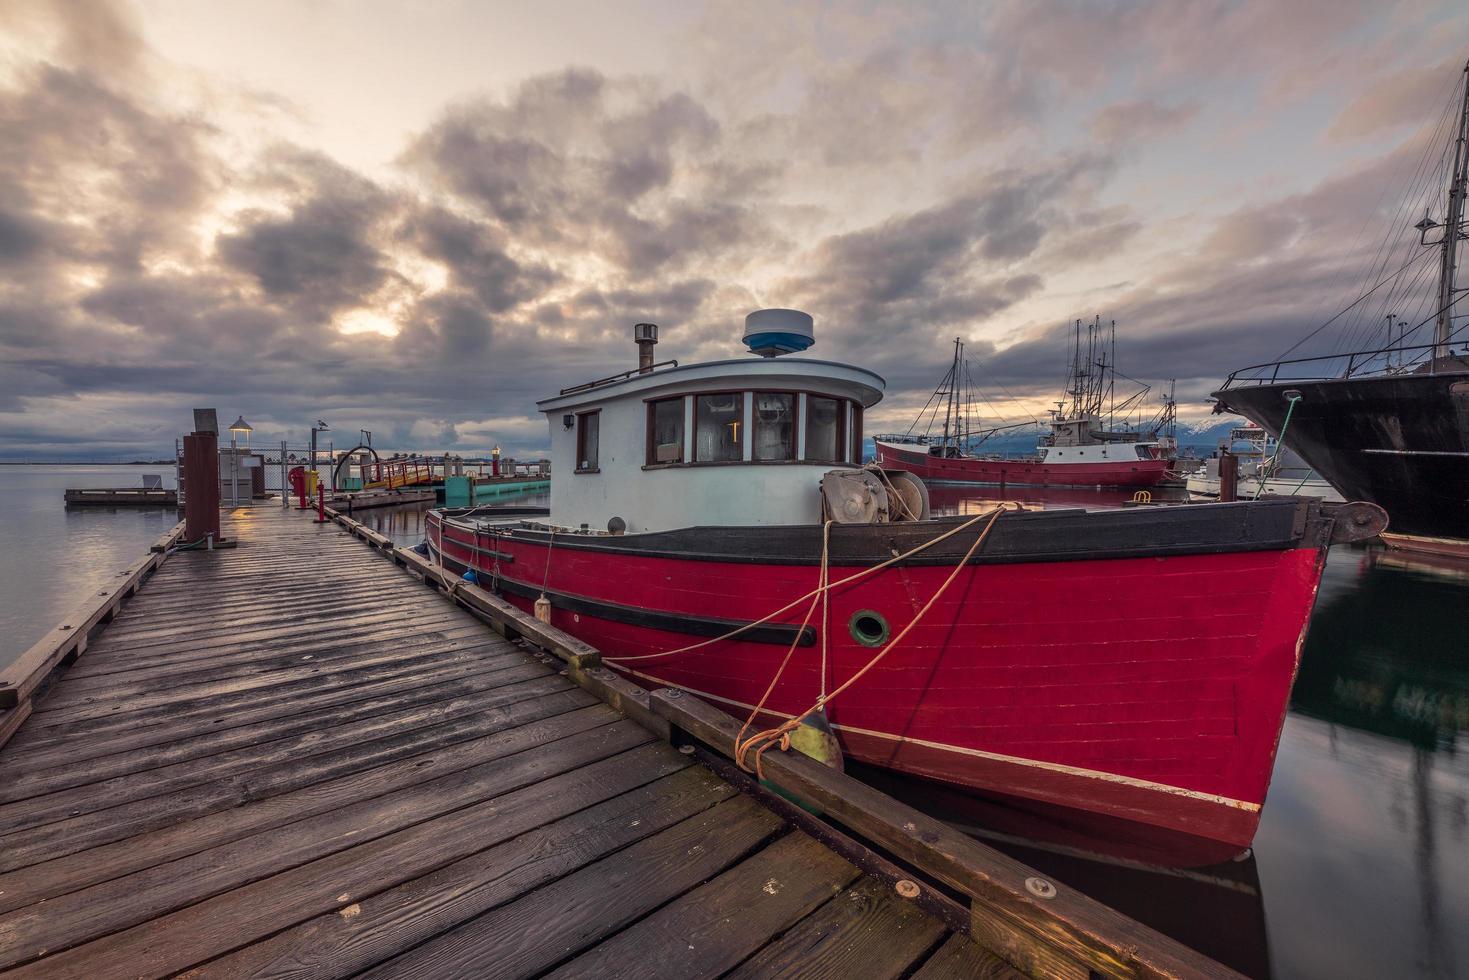 barca rossa e bianca sul molo sotto il cielo nuvoloso foto